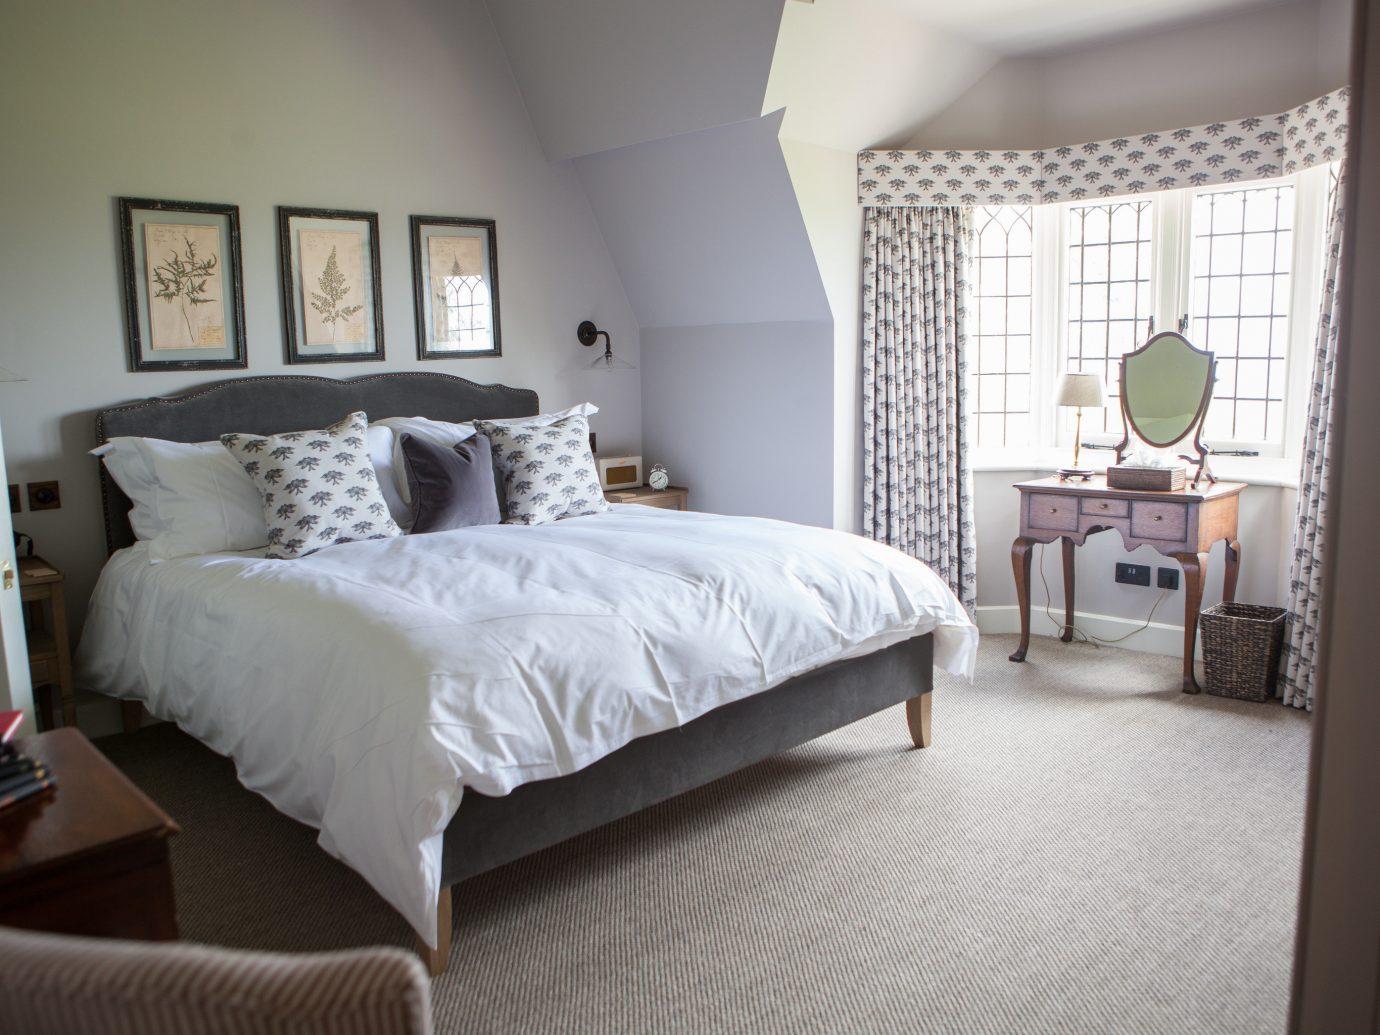 Trip Ideas indoor bed wall room Bedroom floor property hotel cottage interior design hardwood home estate Suite bed frame furniture real estate living room bed sheet apartment